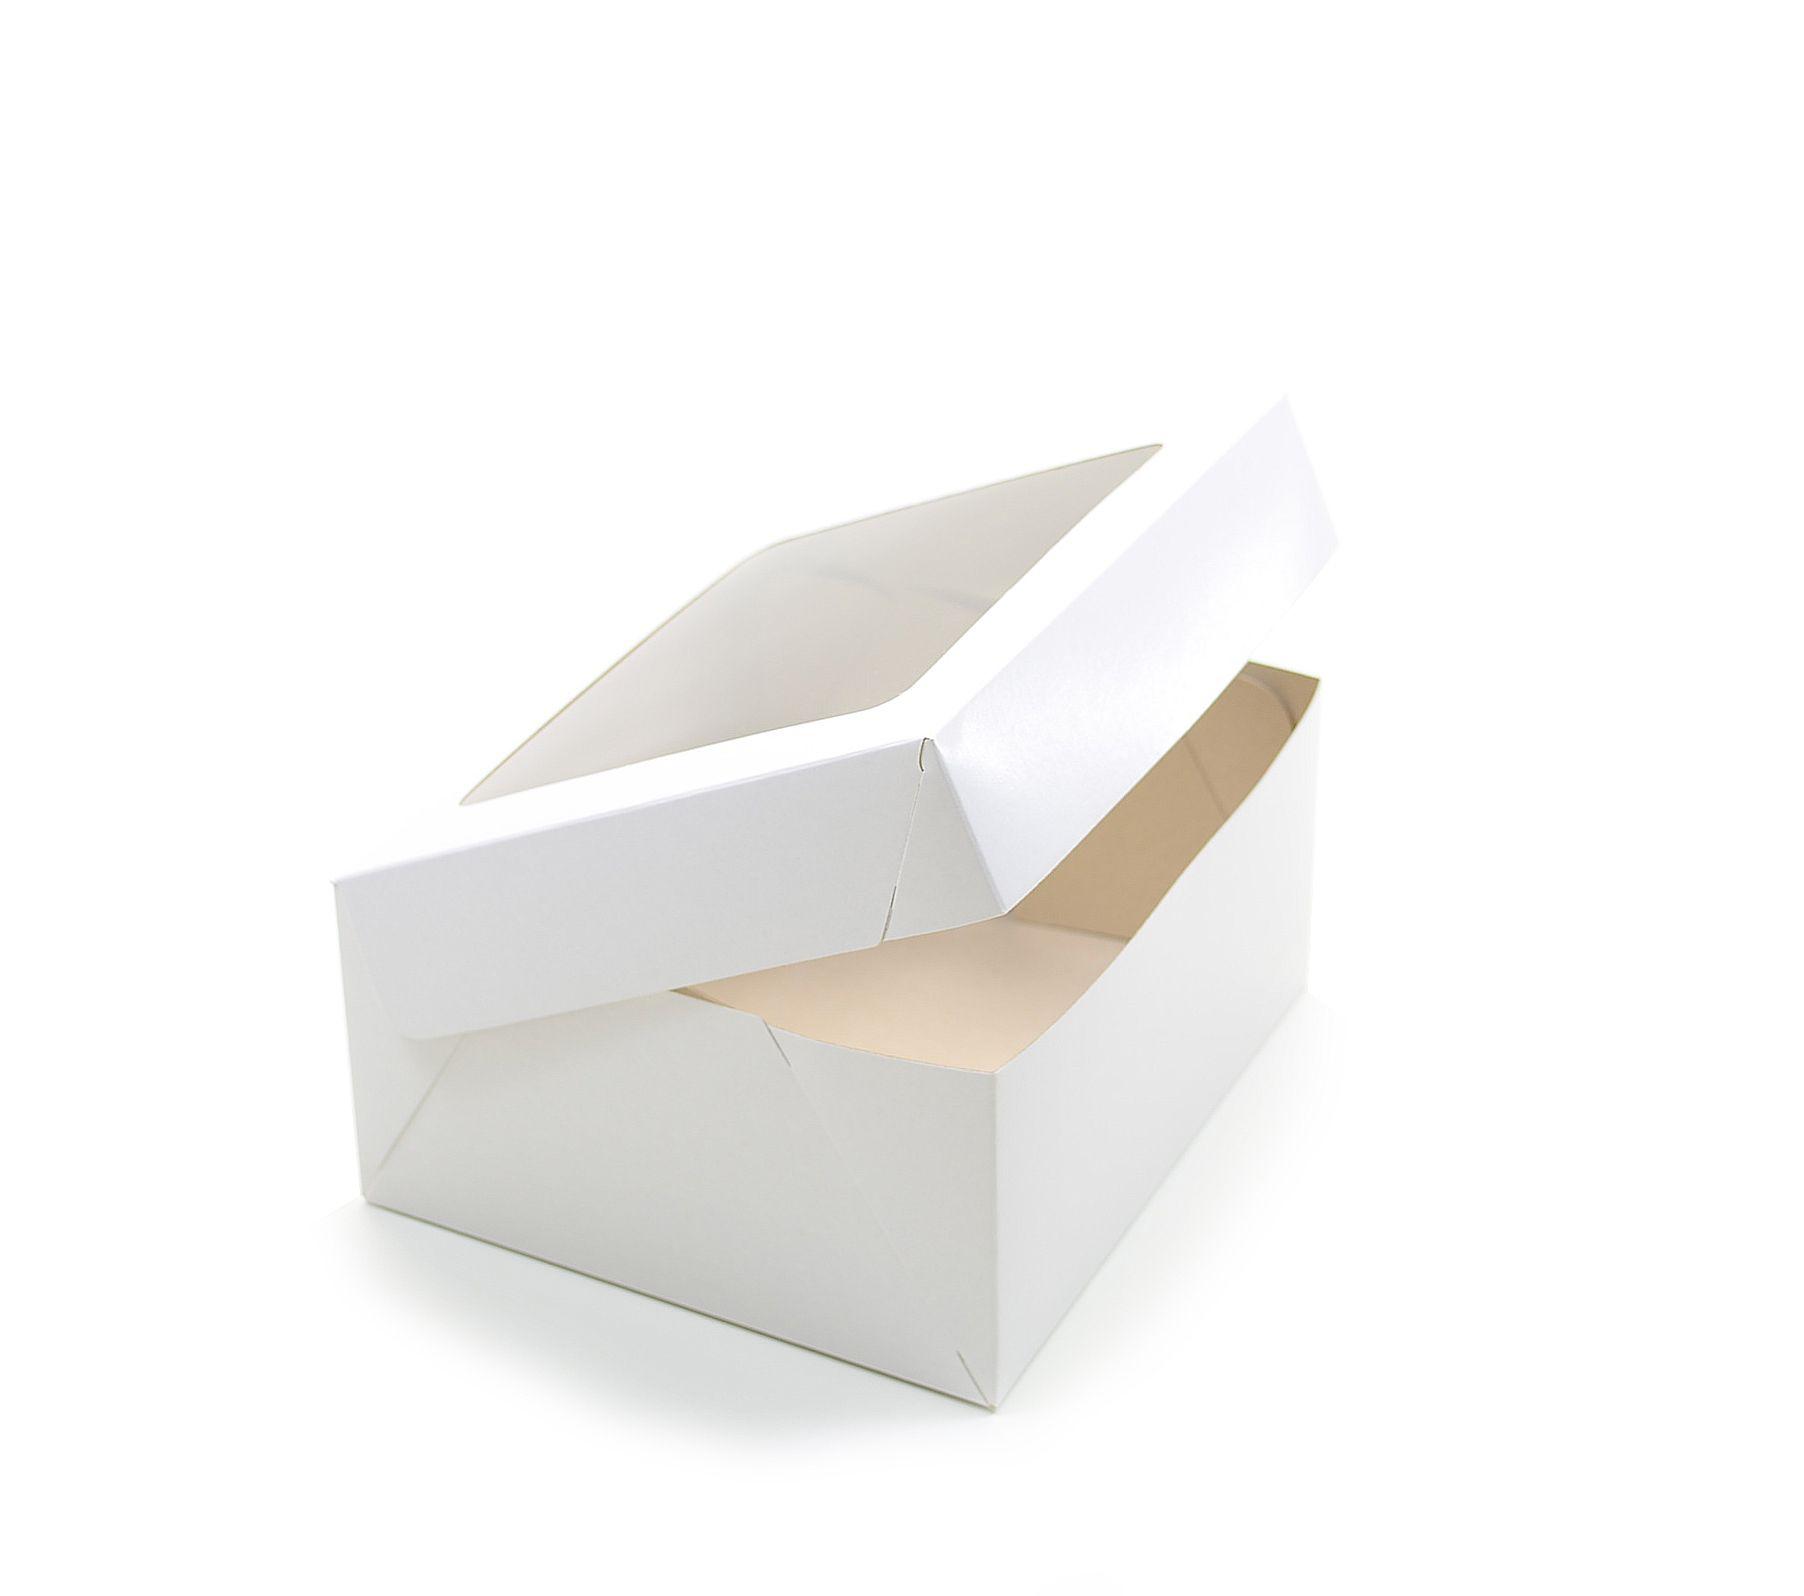 079 Caixa Branca c/ e s/ visor - 18,5x16,5x9 cm